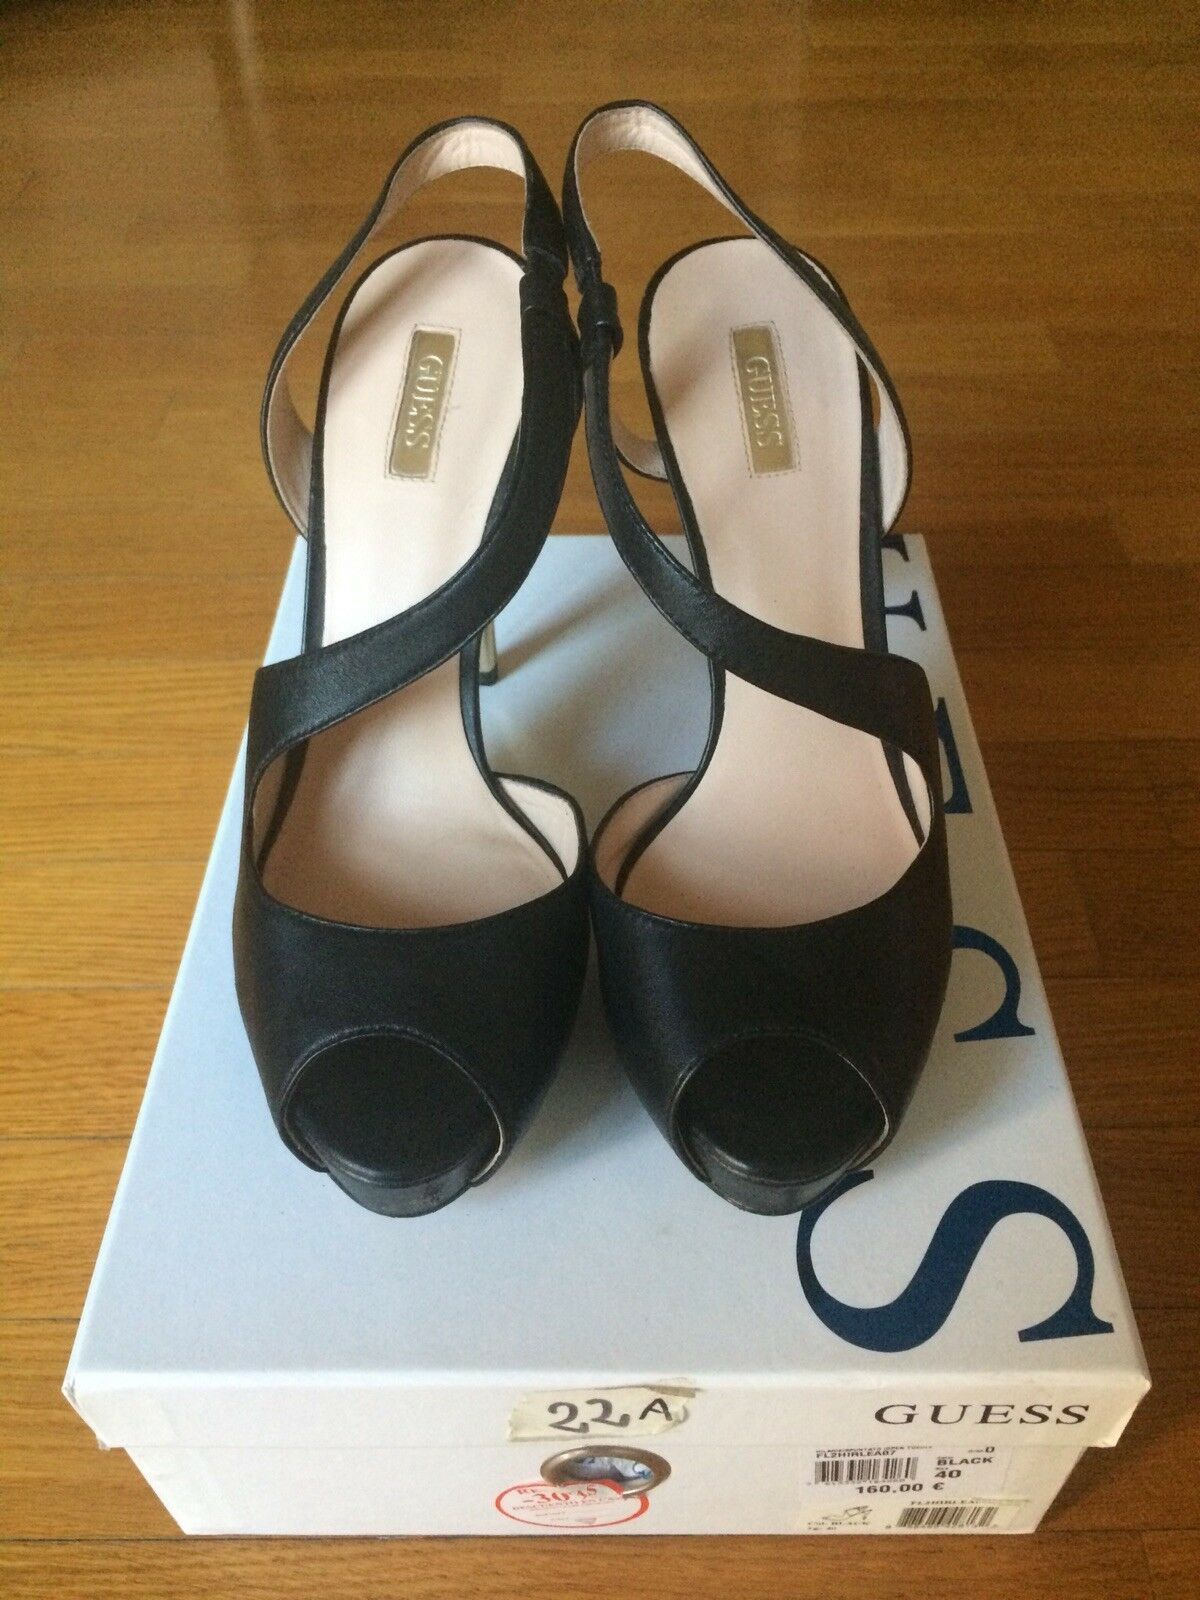 Descuento barato Scarpe donna in vera pelle colore nero firmate Gues mod. sandalo elegante mis.40